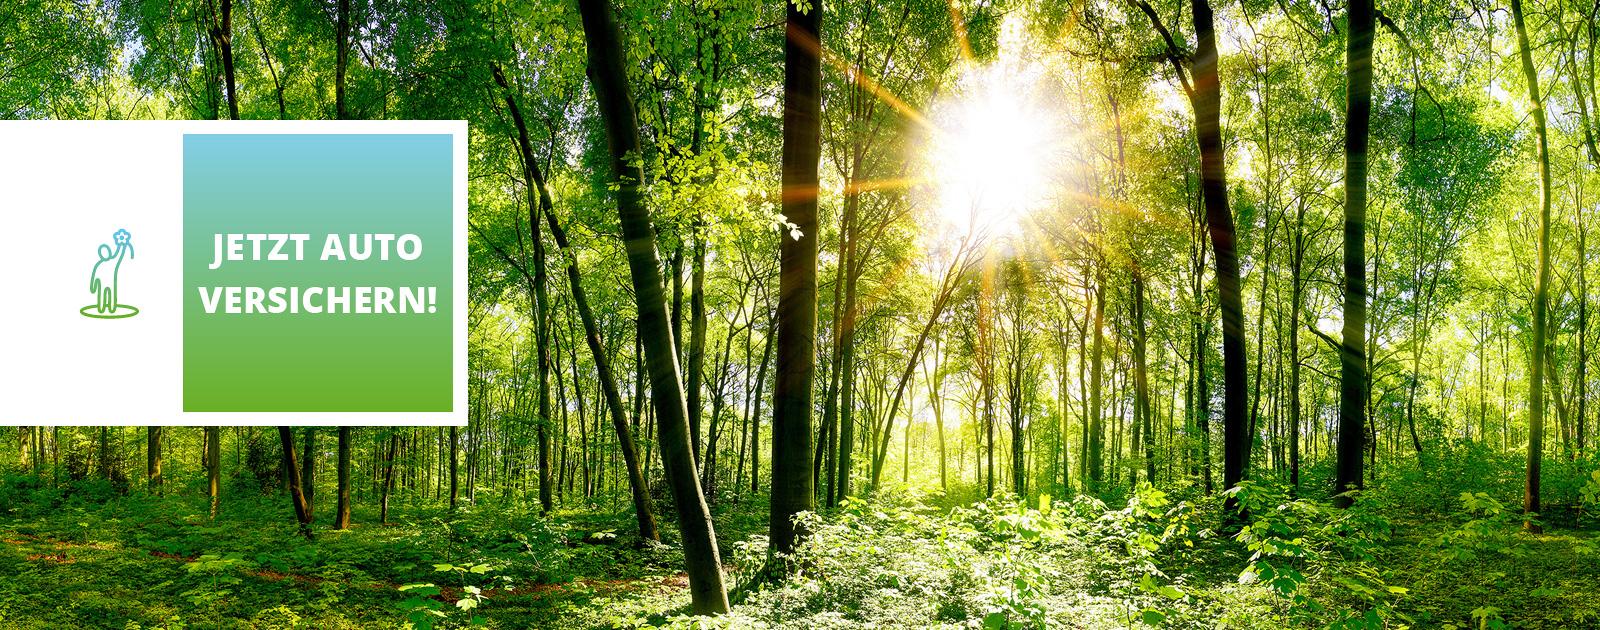 bessergrün Versicherung Baum pflanzen